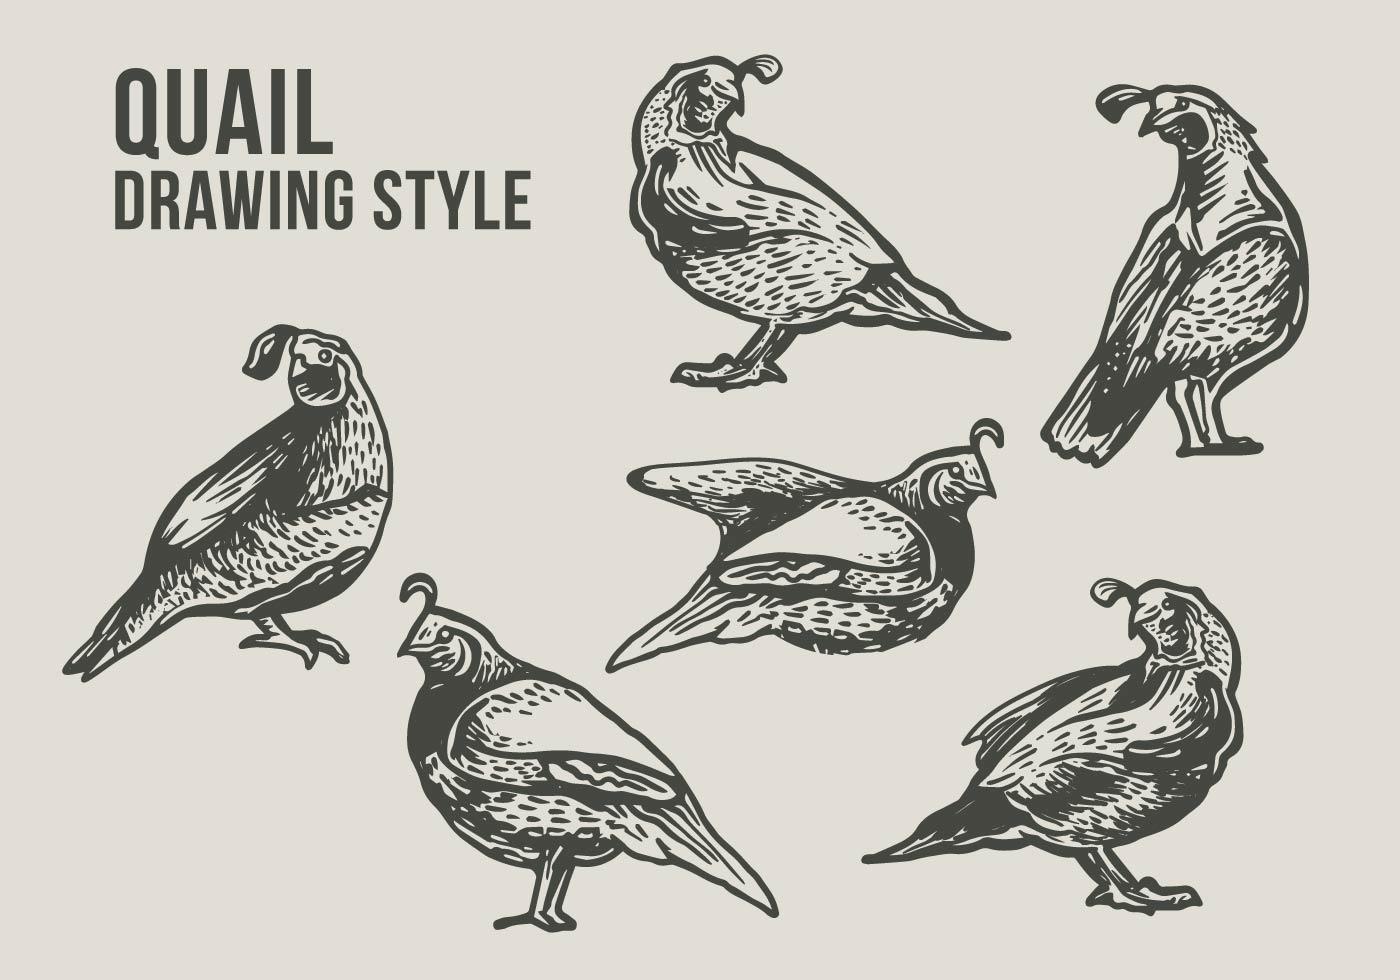 Quail Bird Drawing Illustration